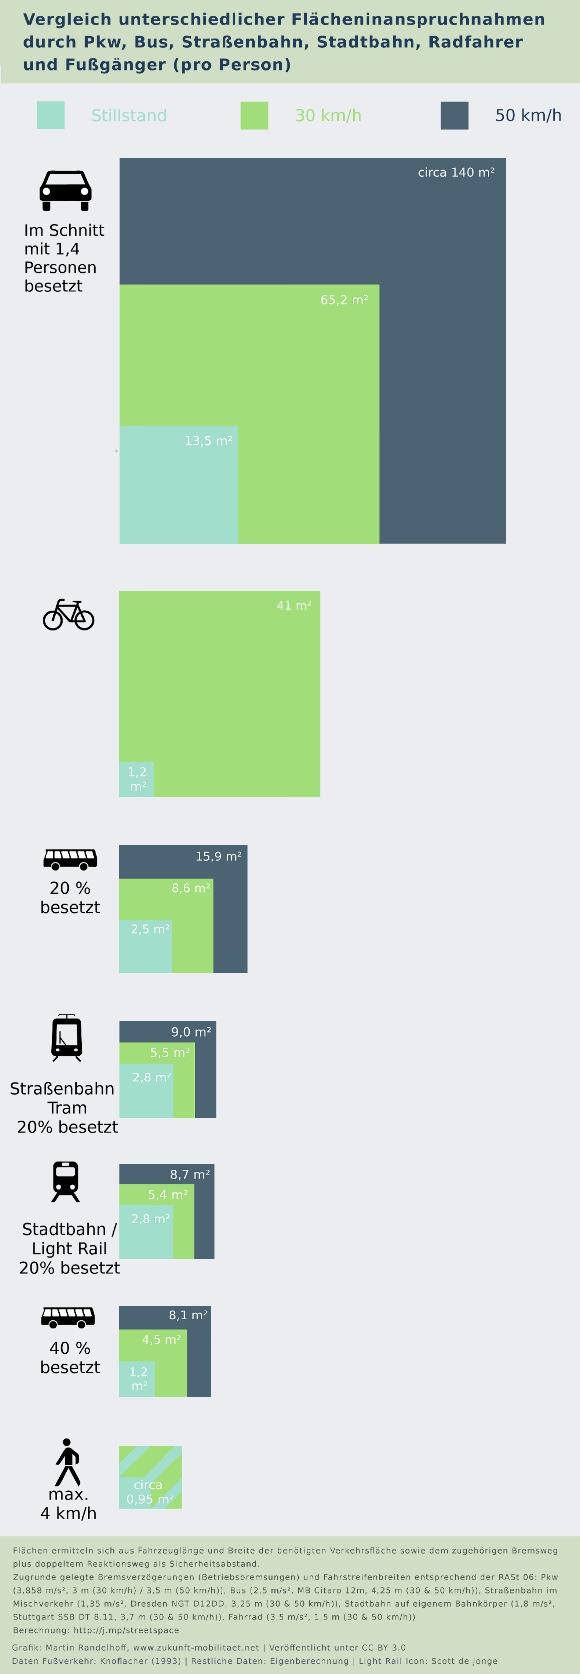 Flächenbedarf verschiedener Verkehrsarten Pkw Bus ÖPNV Straßenbahn Radverkehr Fußverkehr